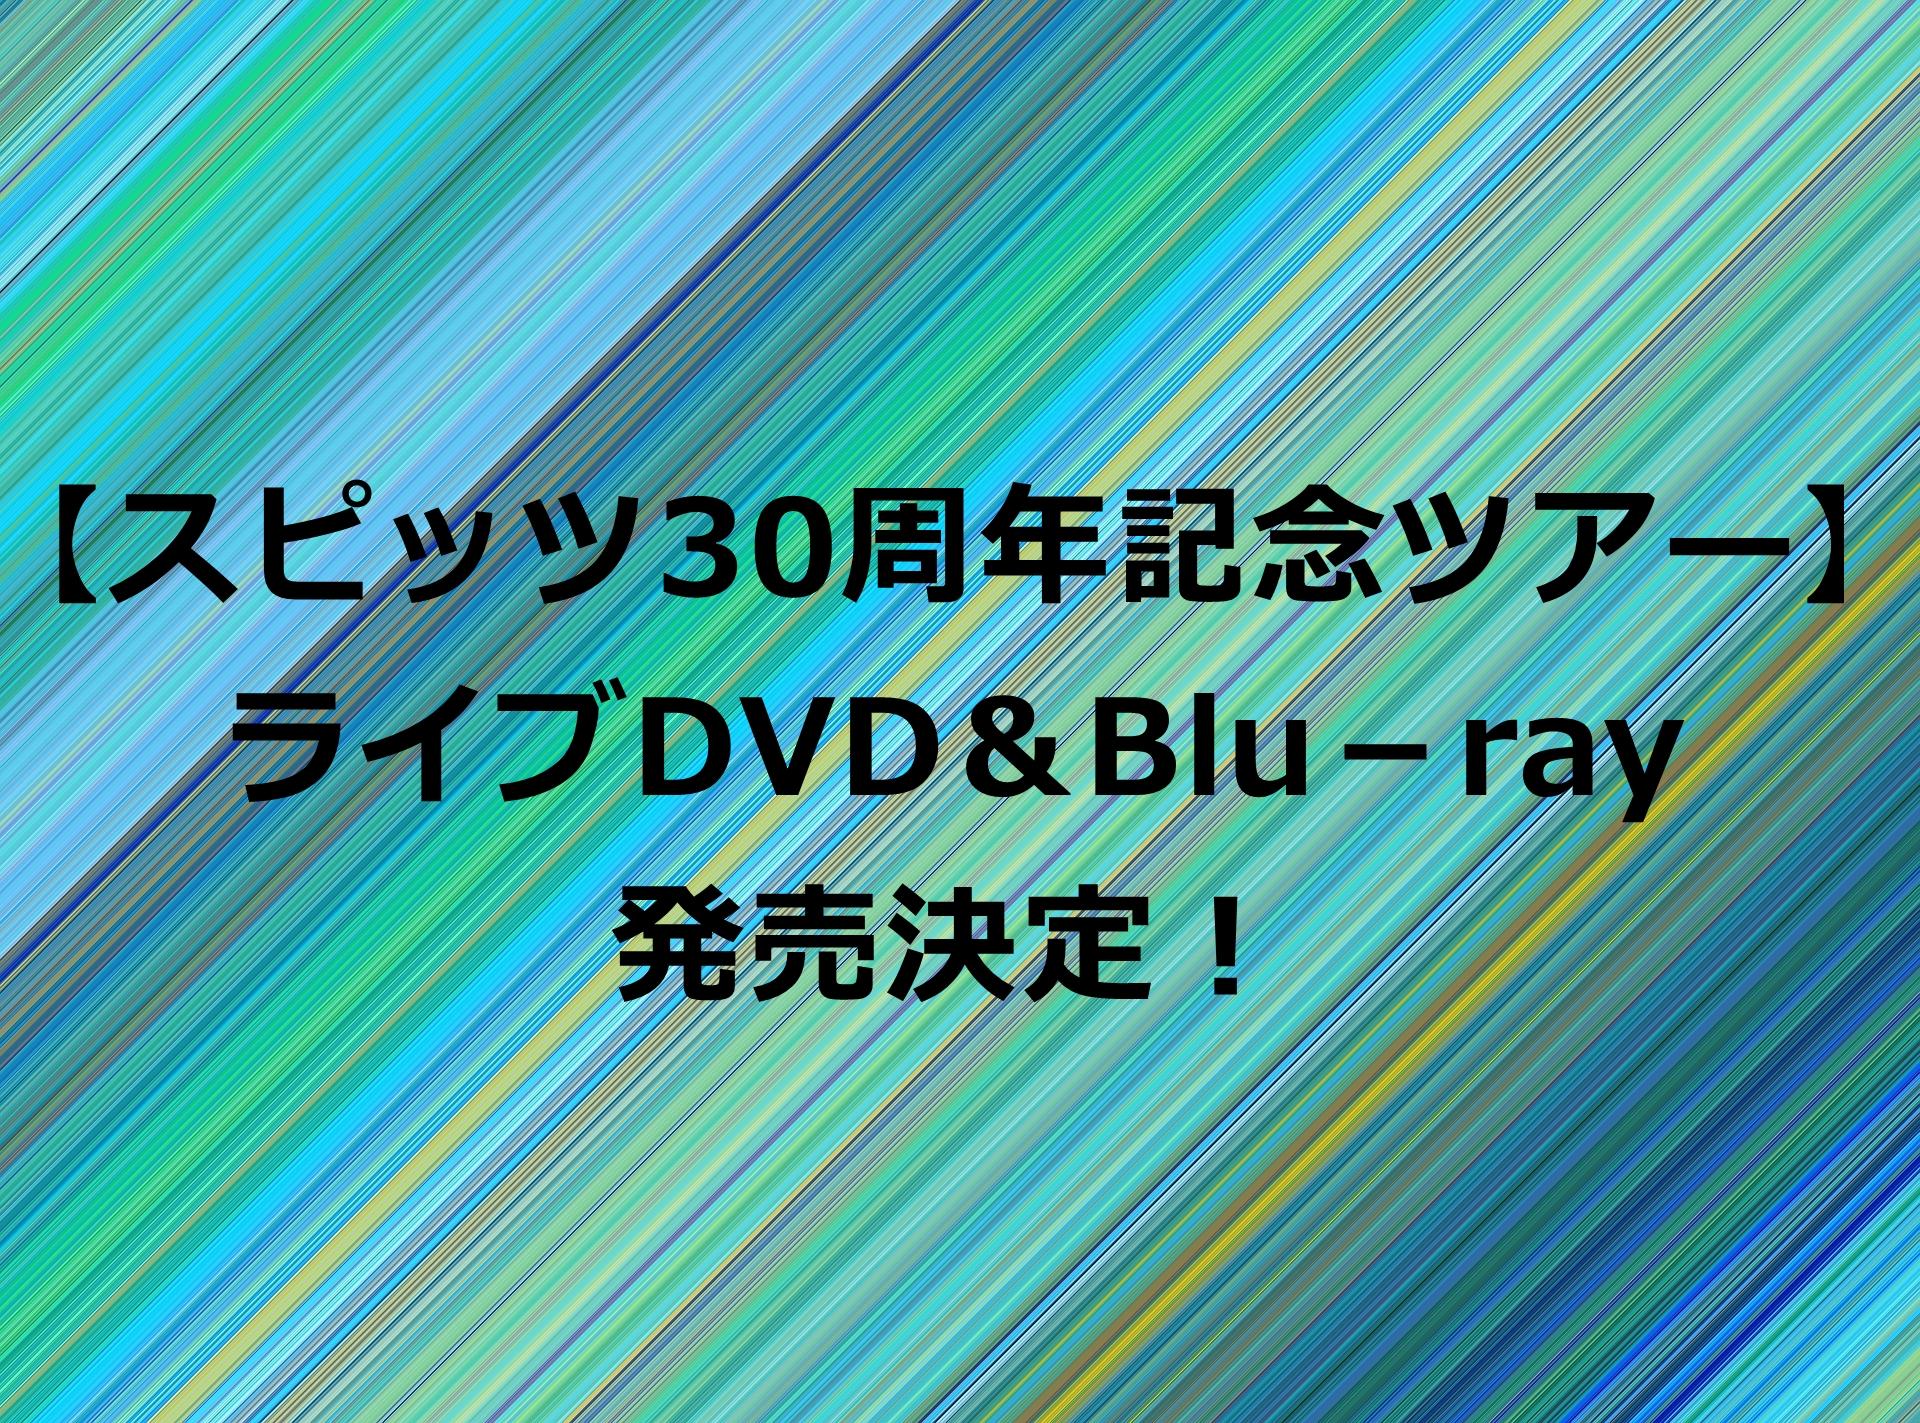 スピッツDVD予約方法!2017最新「30周年記念ライブ」特典、最安値など情報まとめ!